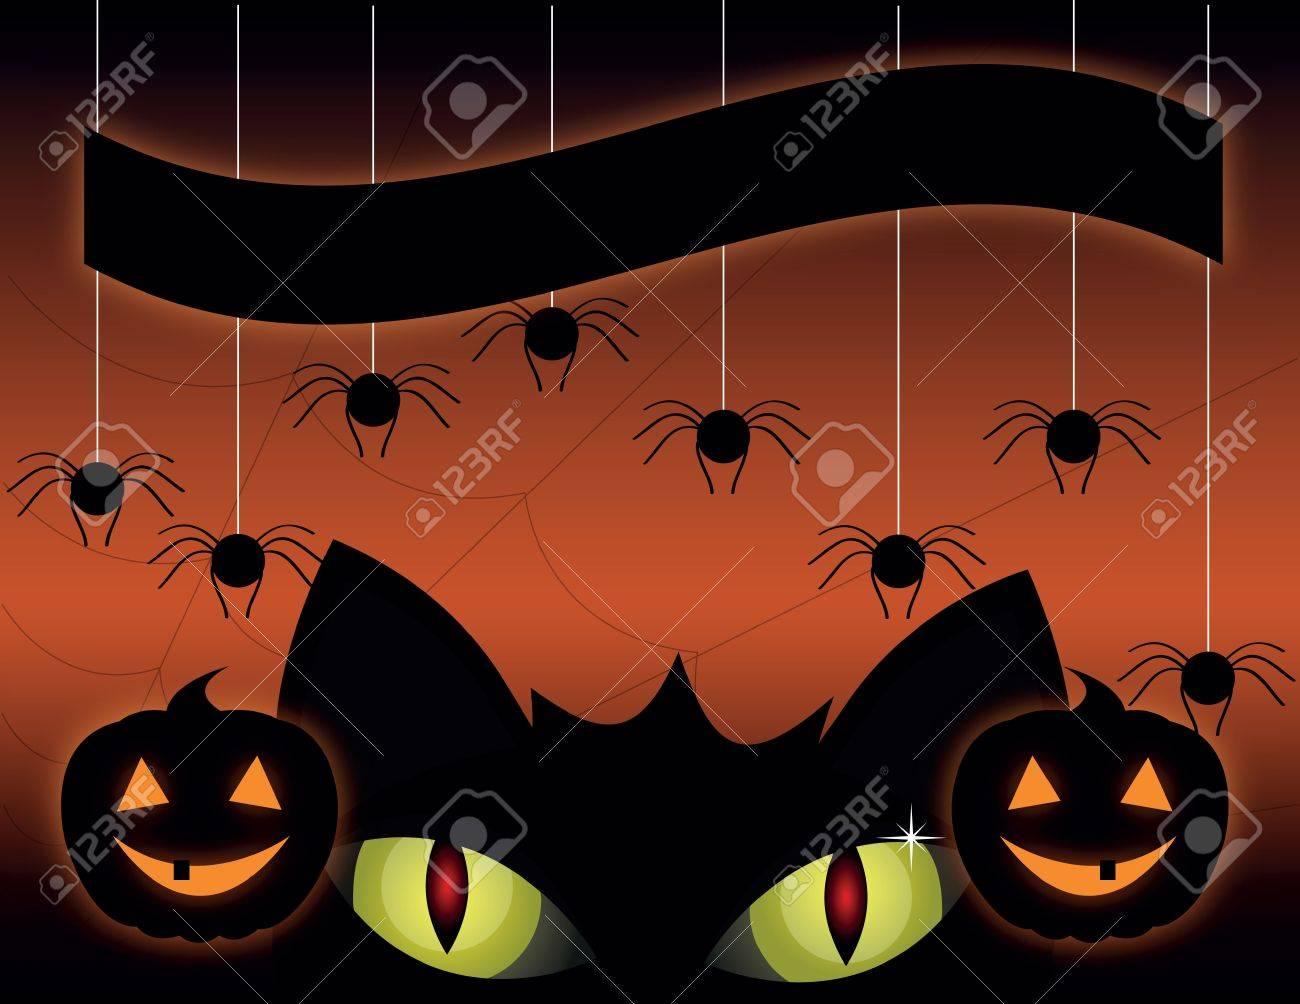 A cute black cat on a Halloween pumpkin. Stock Vector - 9987488